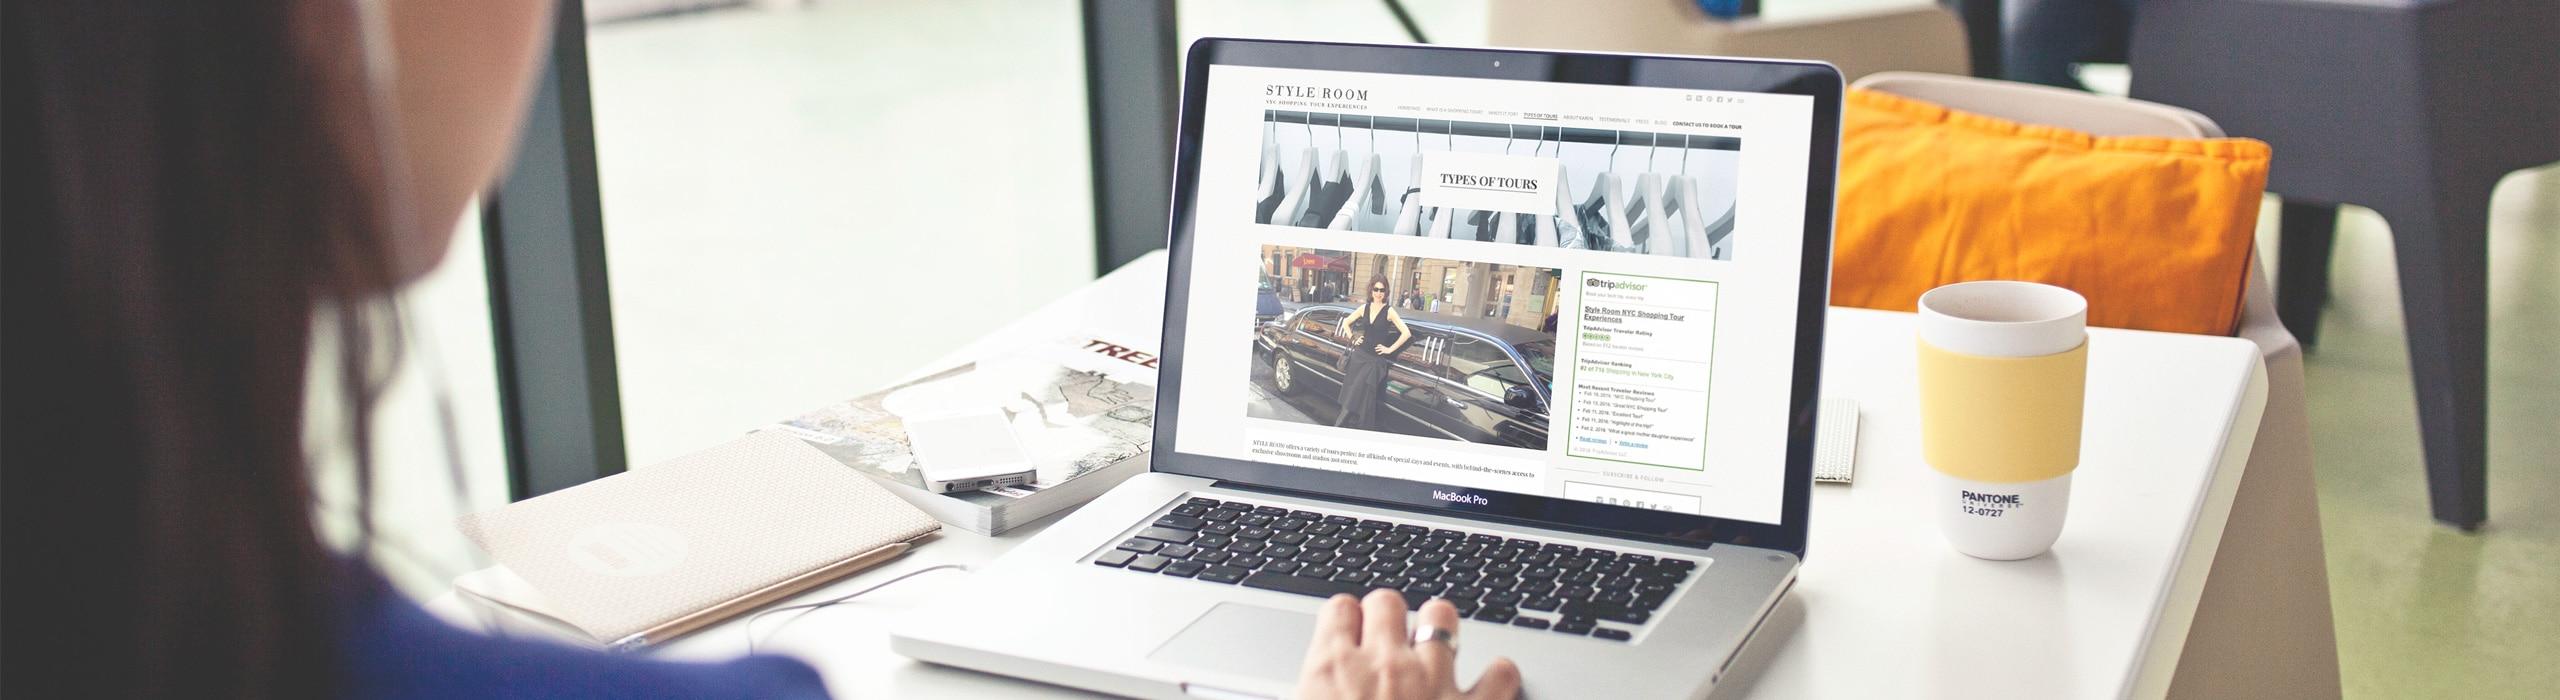 Style Room - natie-styleroom-website-02 - Natie Branding Agency